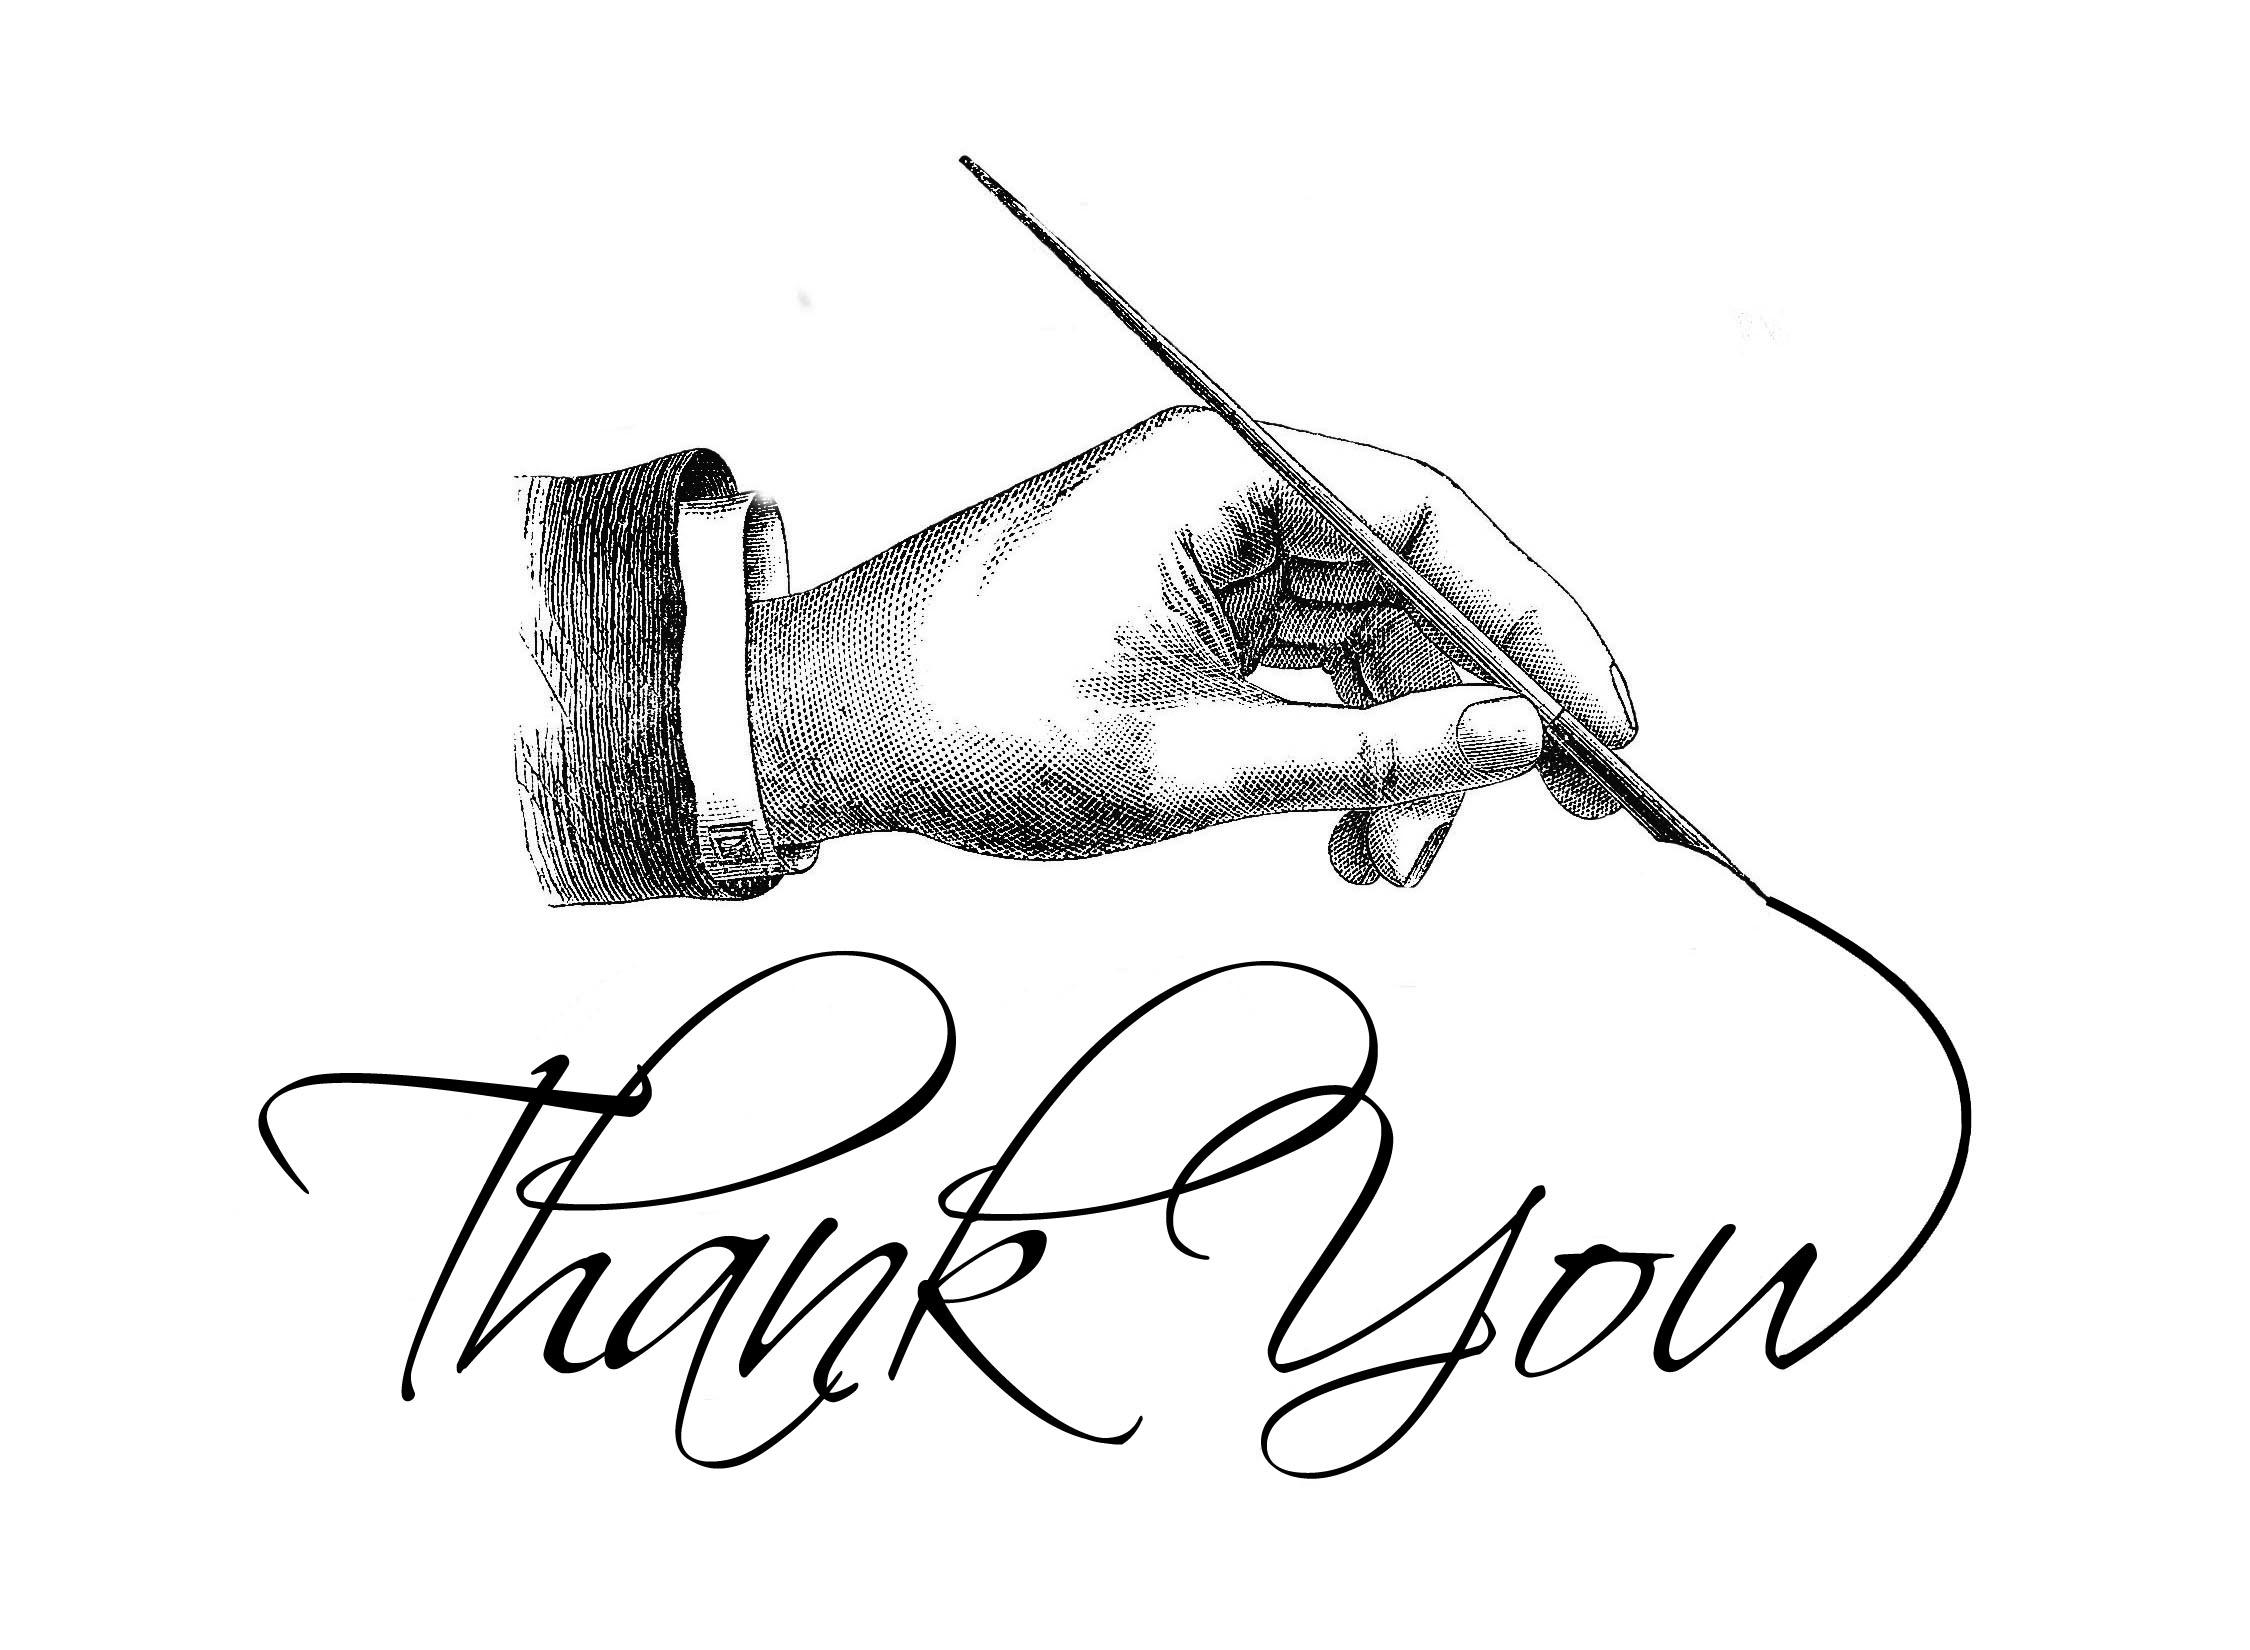 Thankyouwithhand